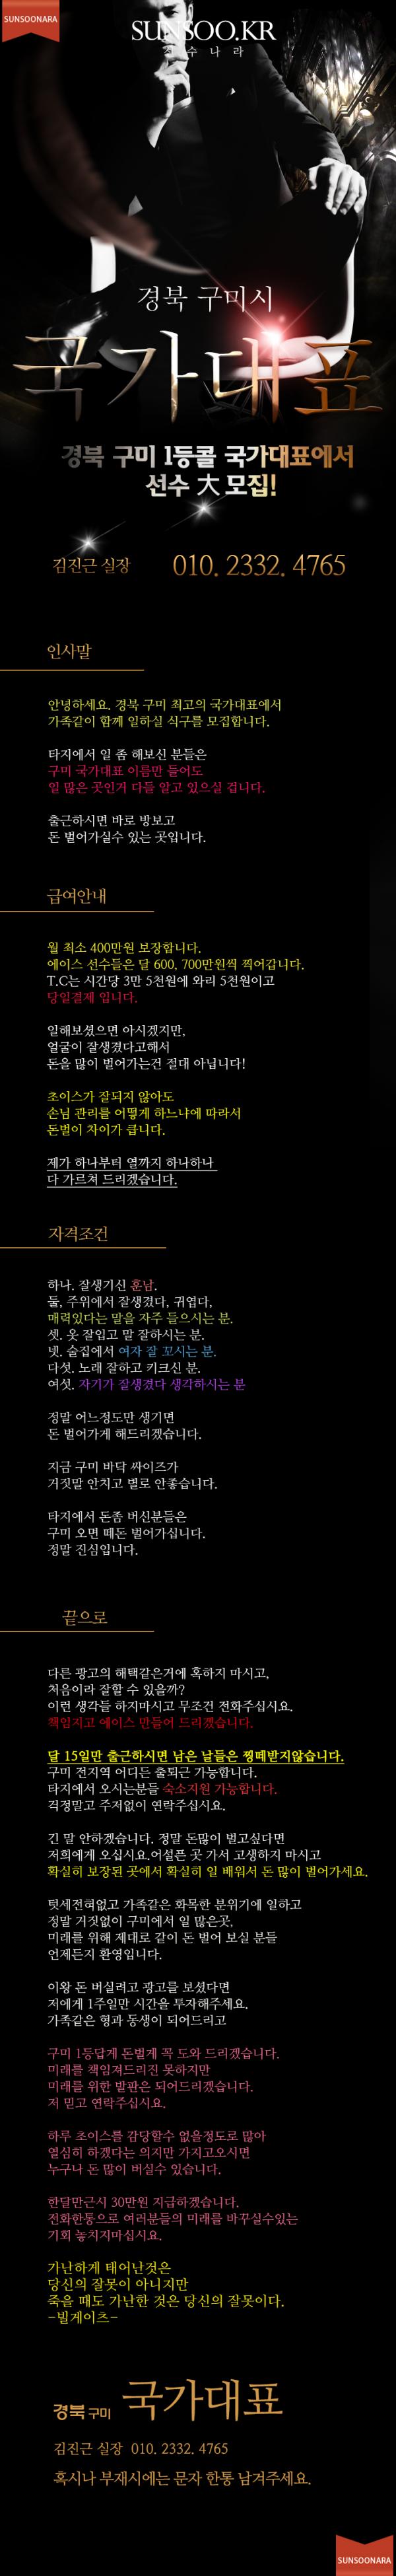 구미 국가대표.png